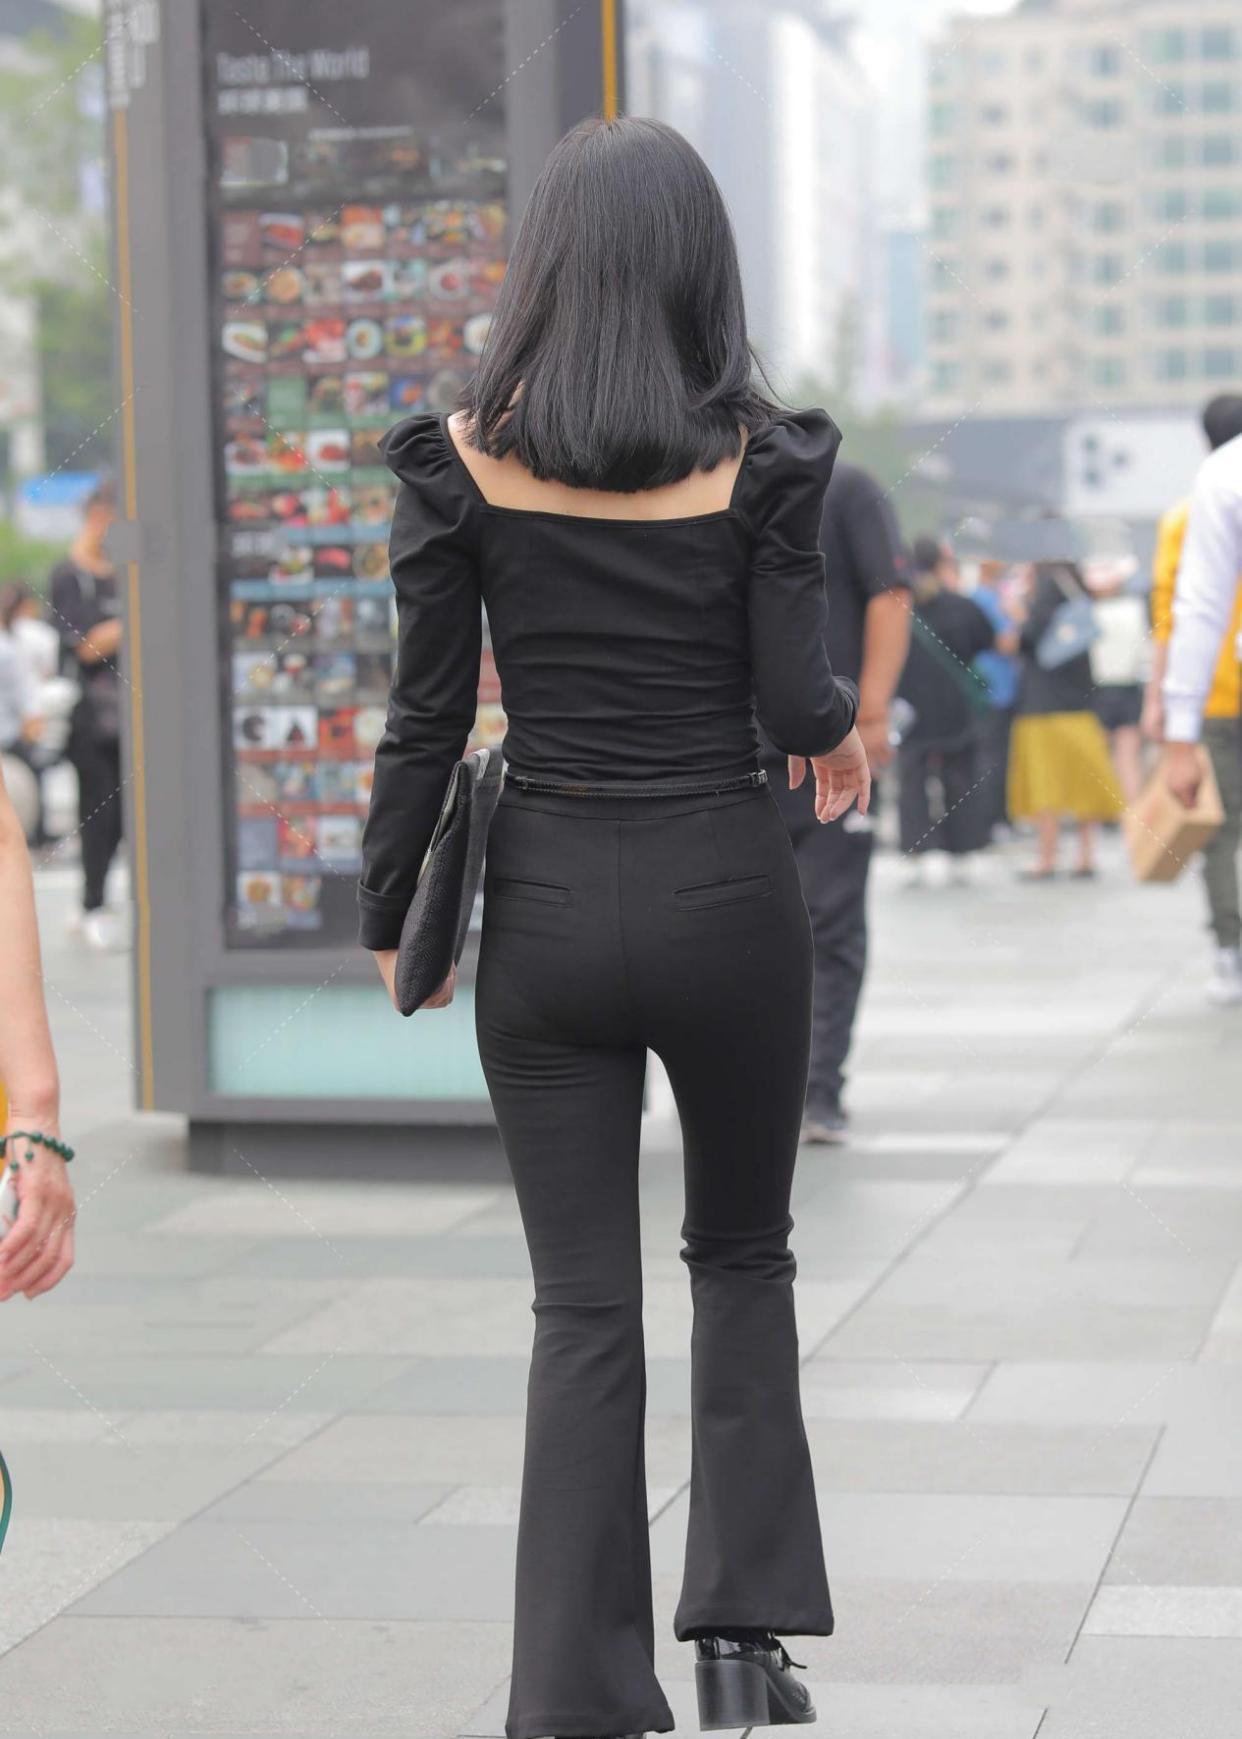 宫廷风格十足的上衣,搭配黑色西装裤,更显高级独特感